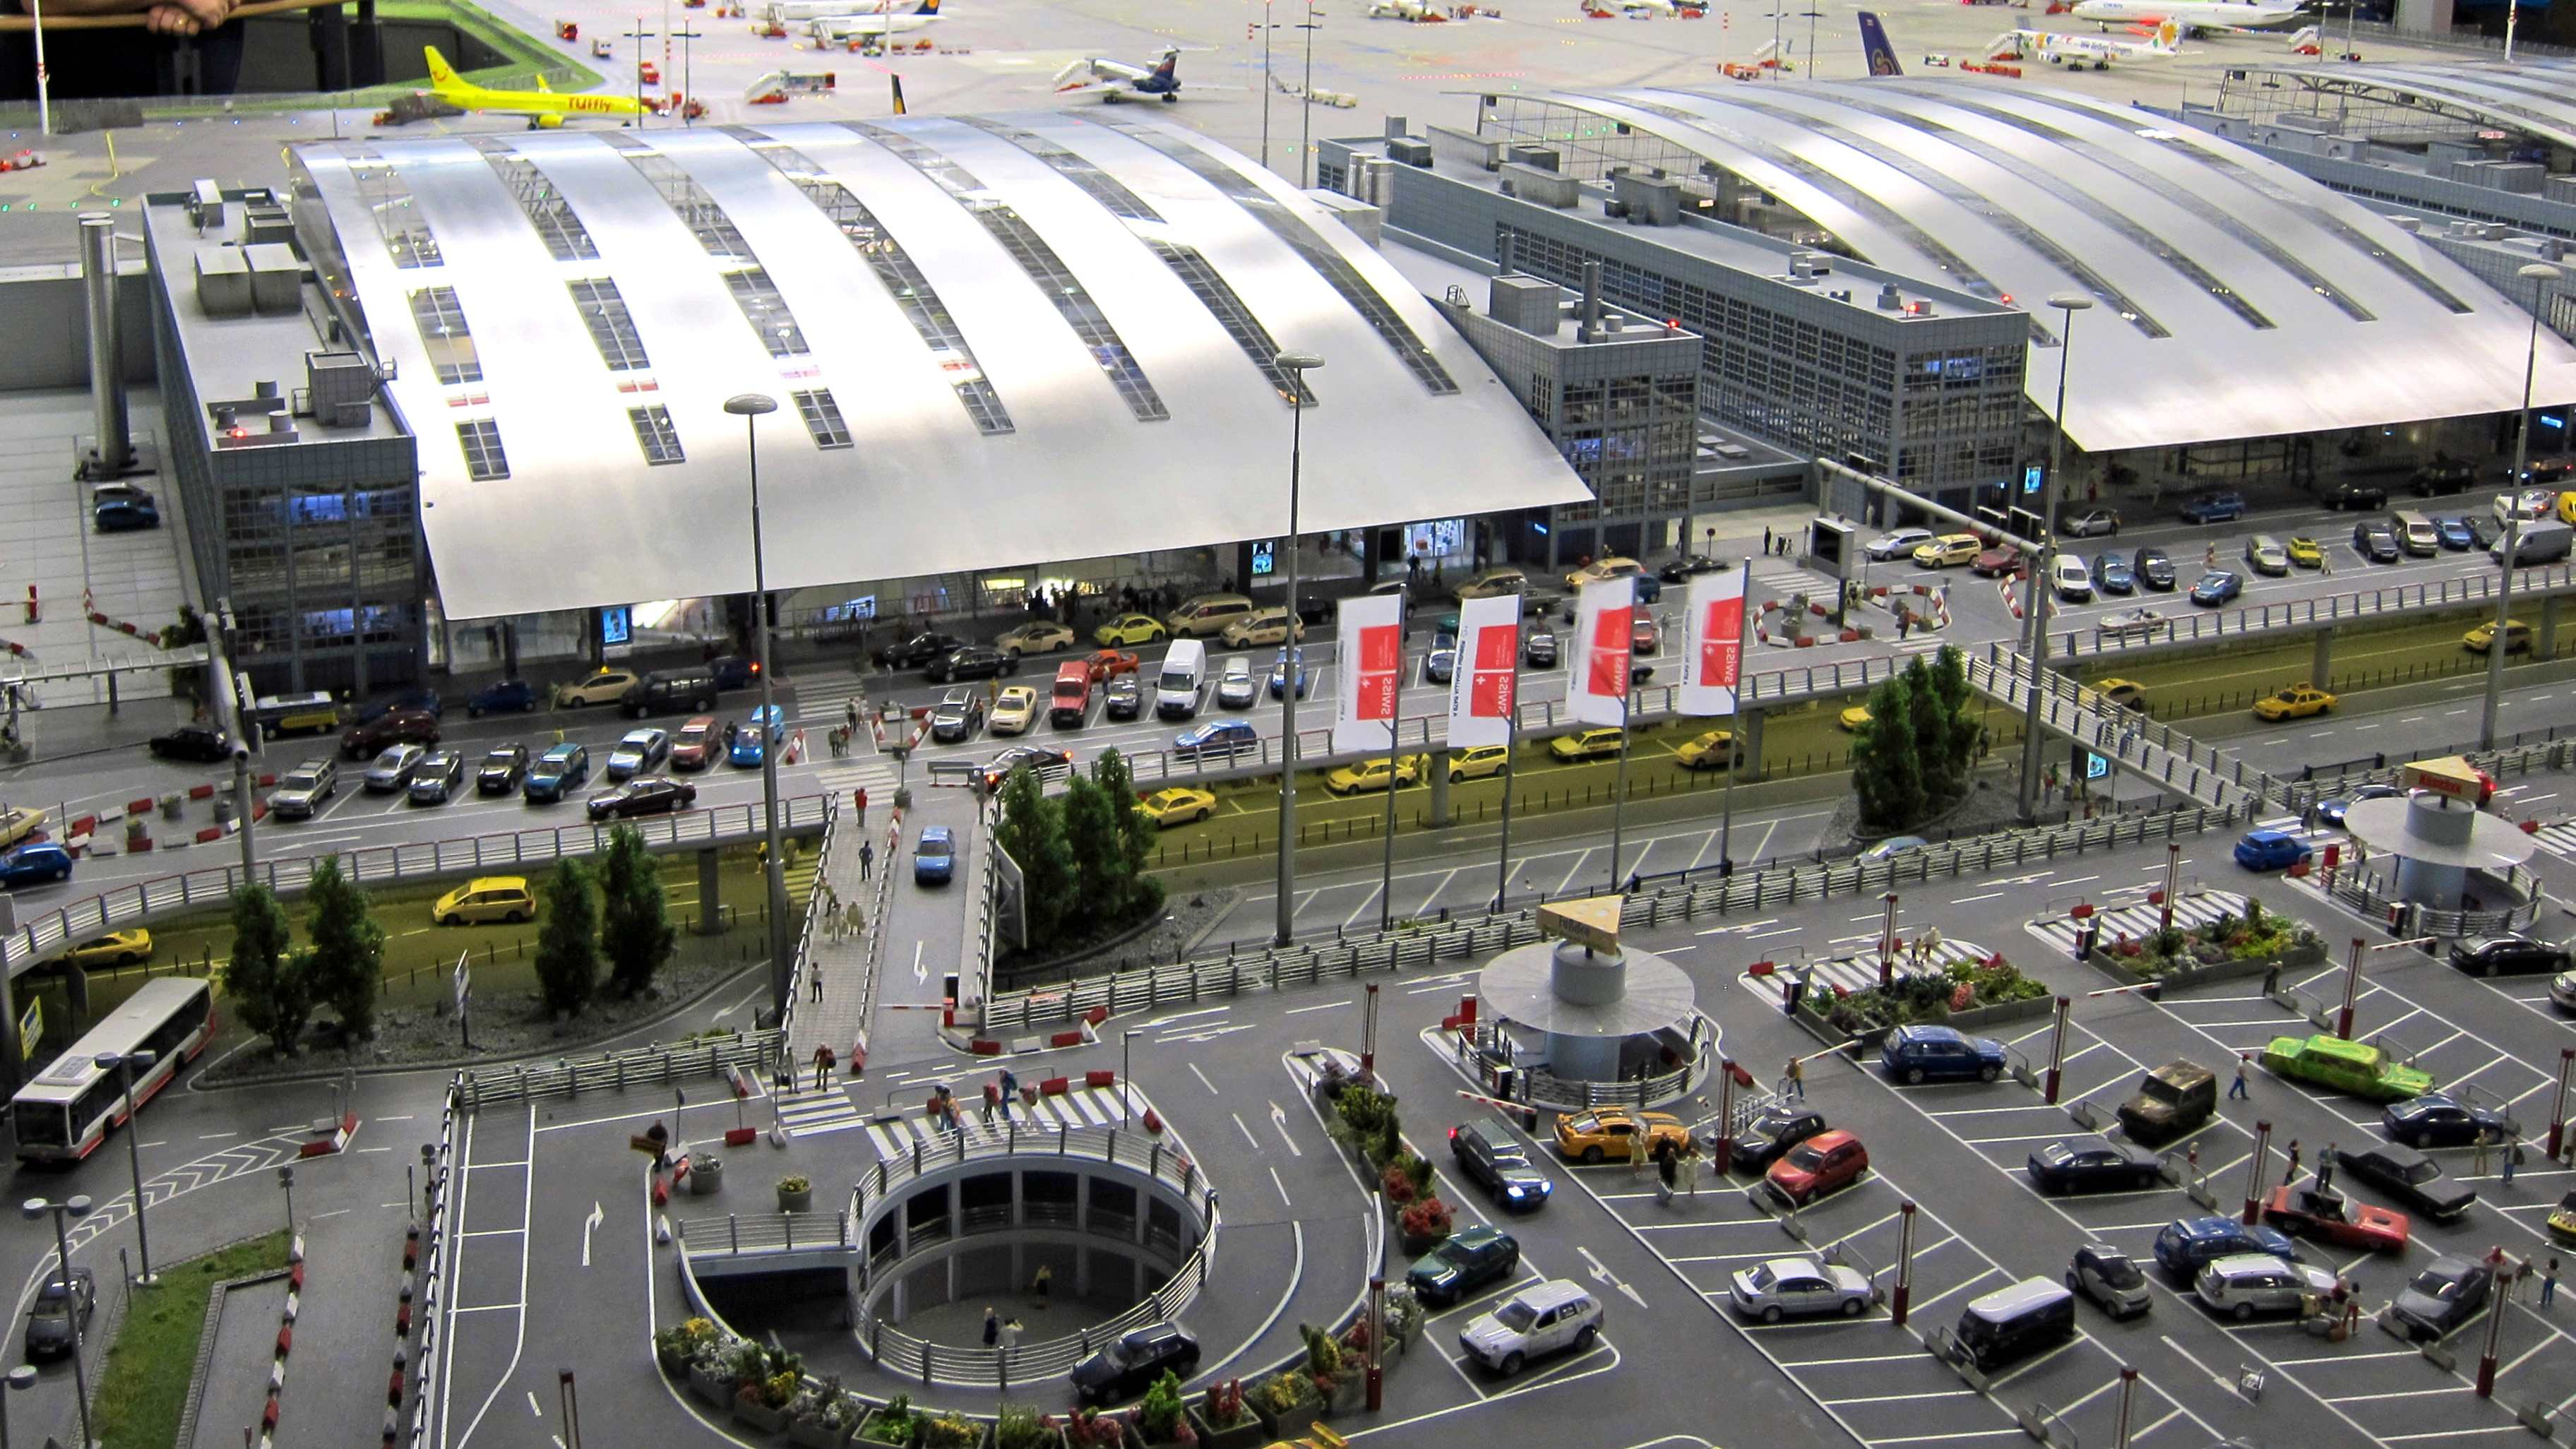 Knuffingen_Airport,_Miniatur_Wunderland_Hamburg,_2